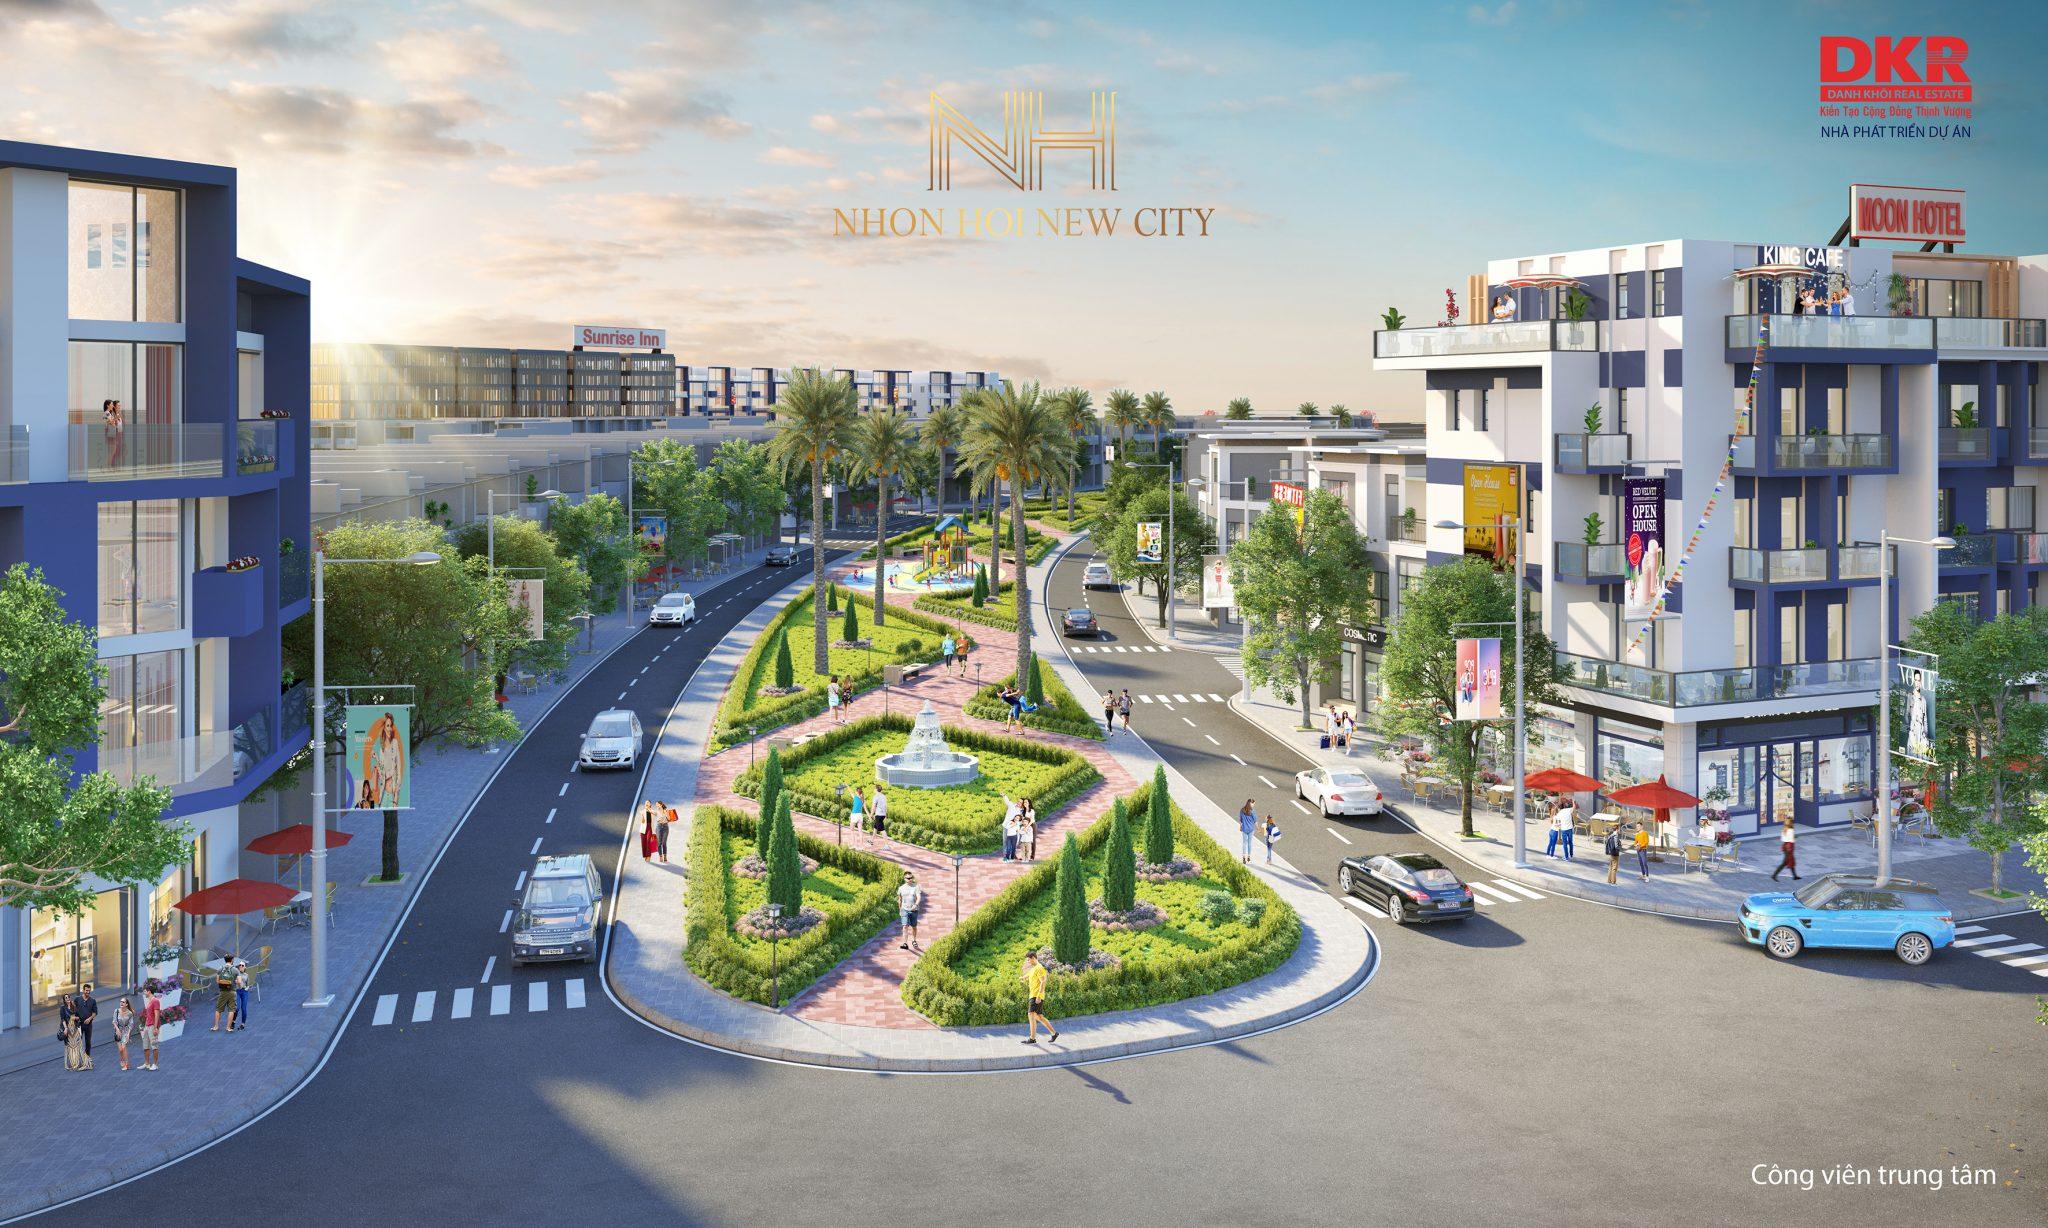 190820 Phối cảnh công viên trung tâm DA Nhơn Hội New City PK2 - DỰ ÁN ĐẤT NỀN NHƠN HỘI NEW CITY QUY NHƠN, TỈNH BÌNH ĐỊNH